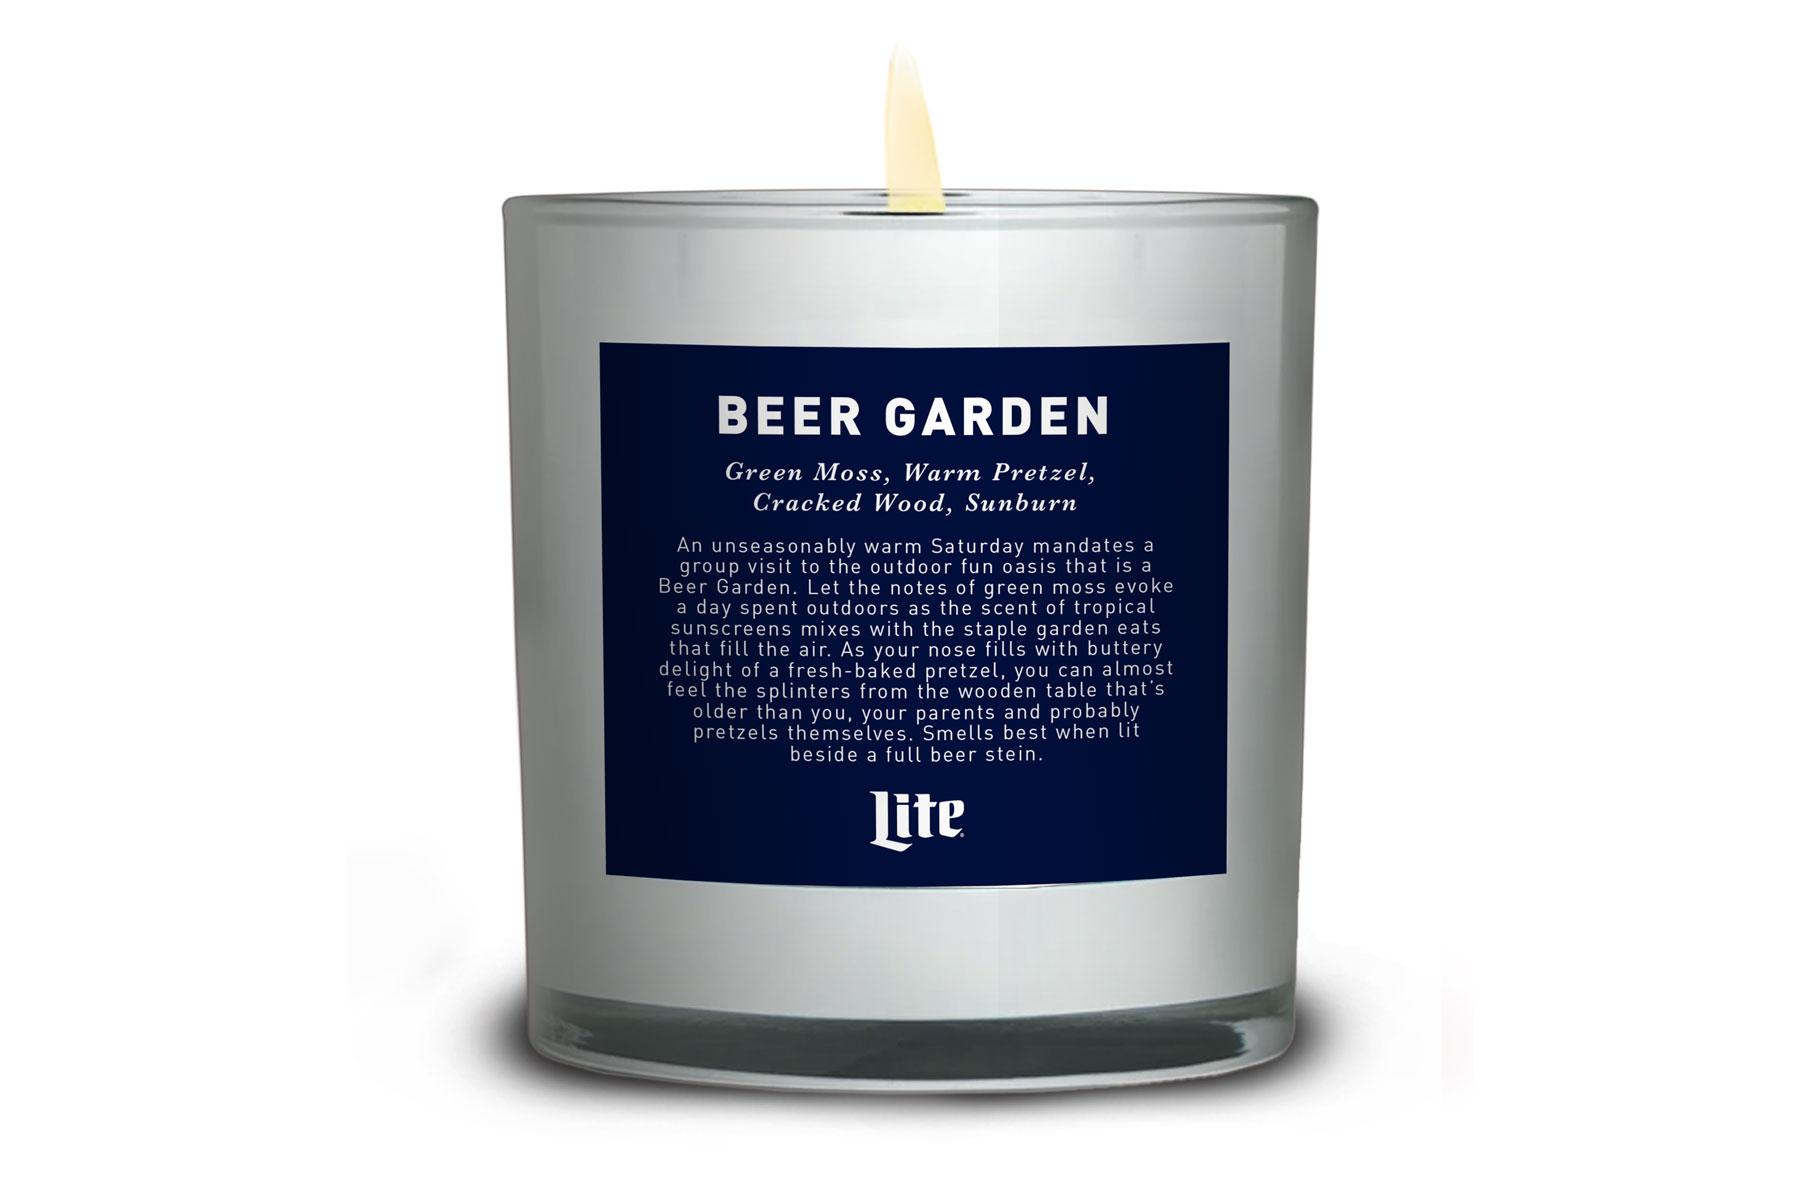 Beer Garden Candle